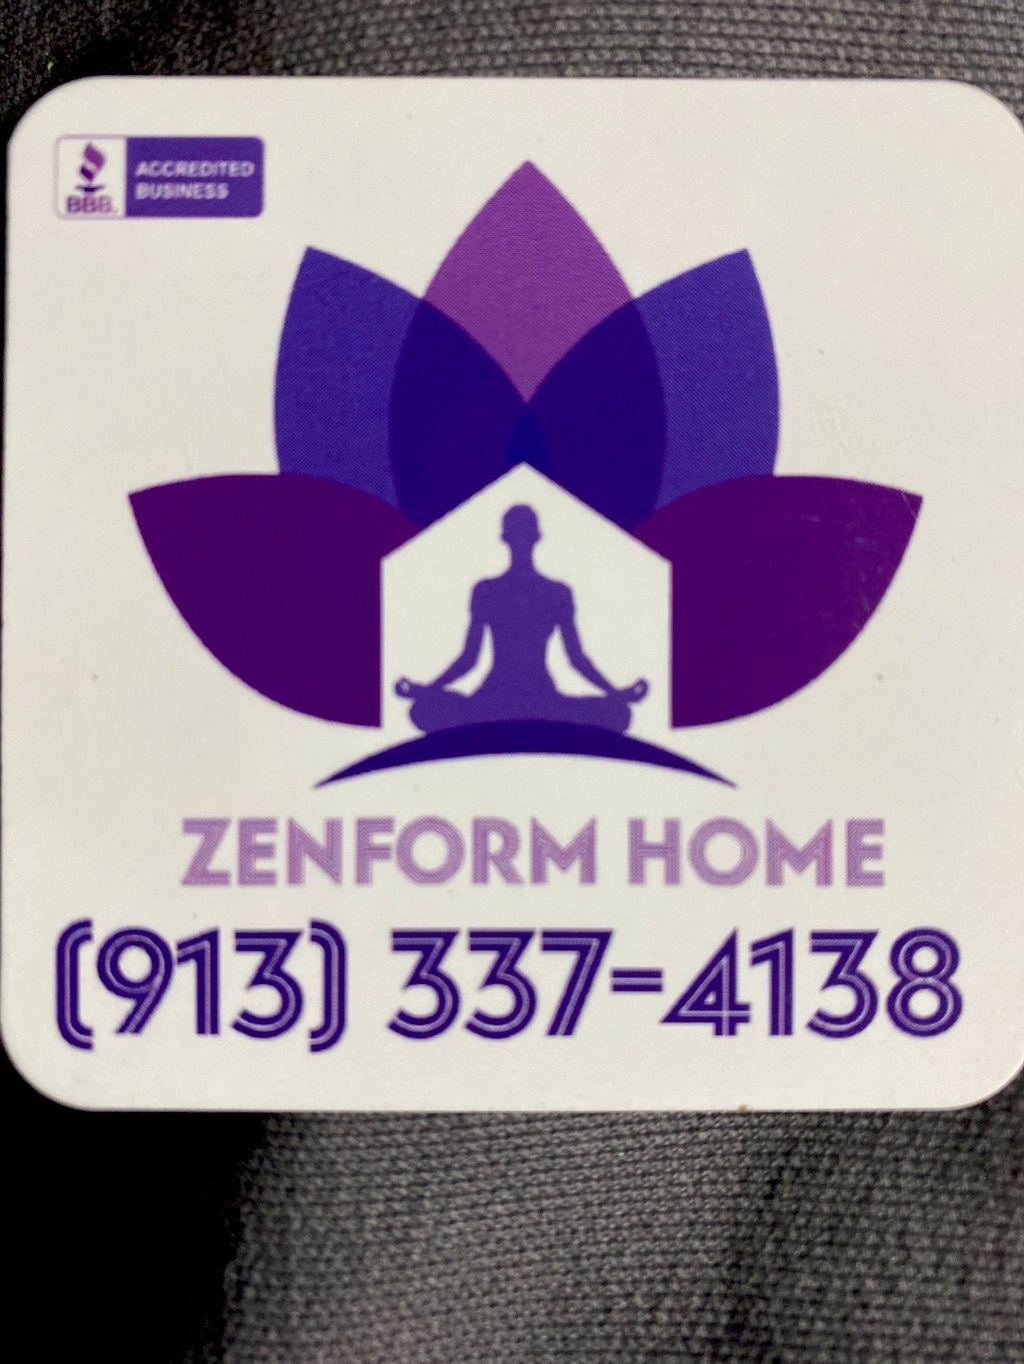 Zenform Home